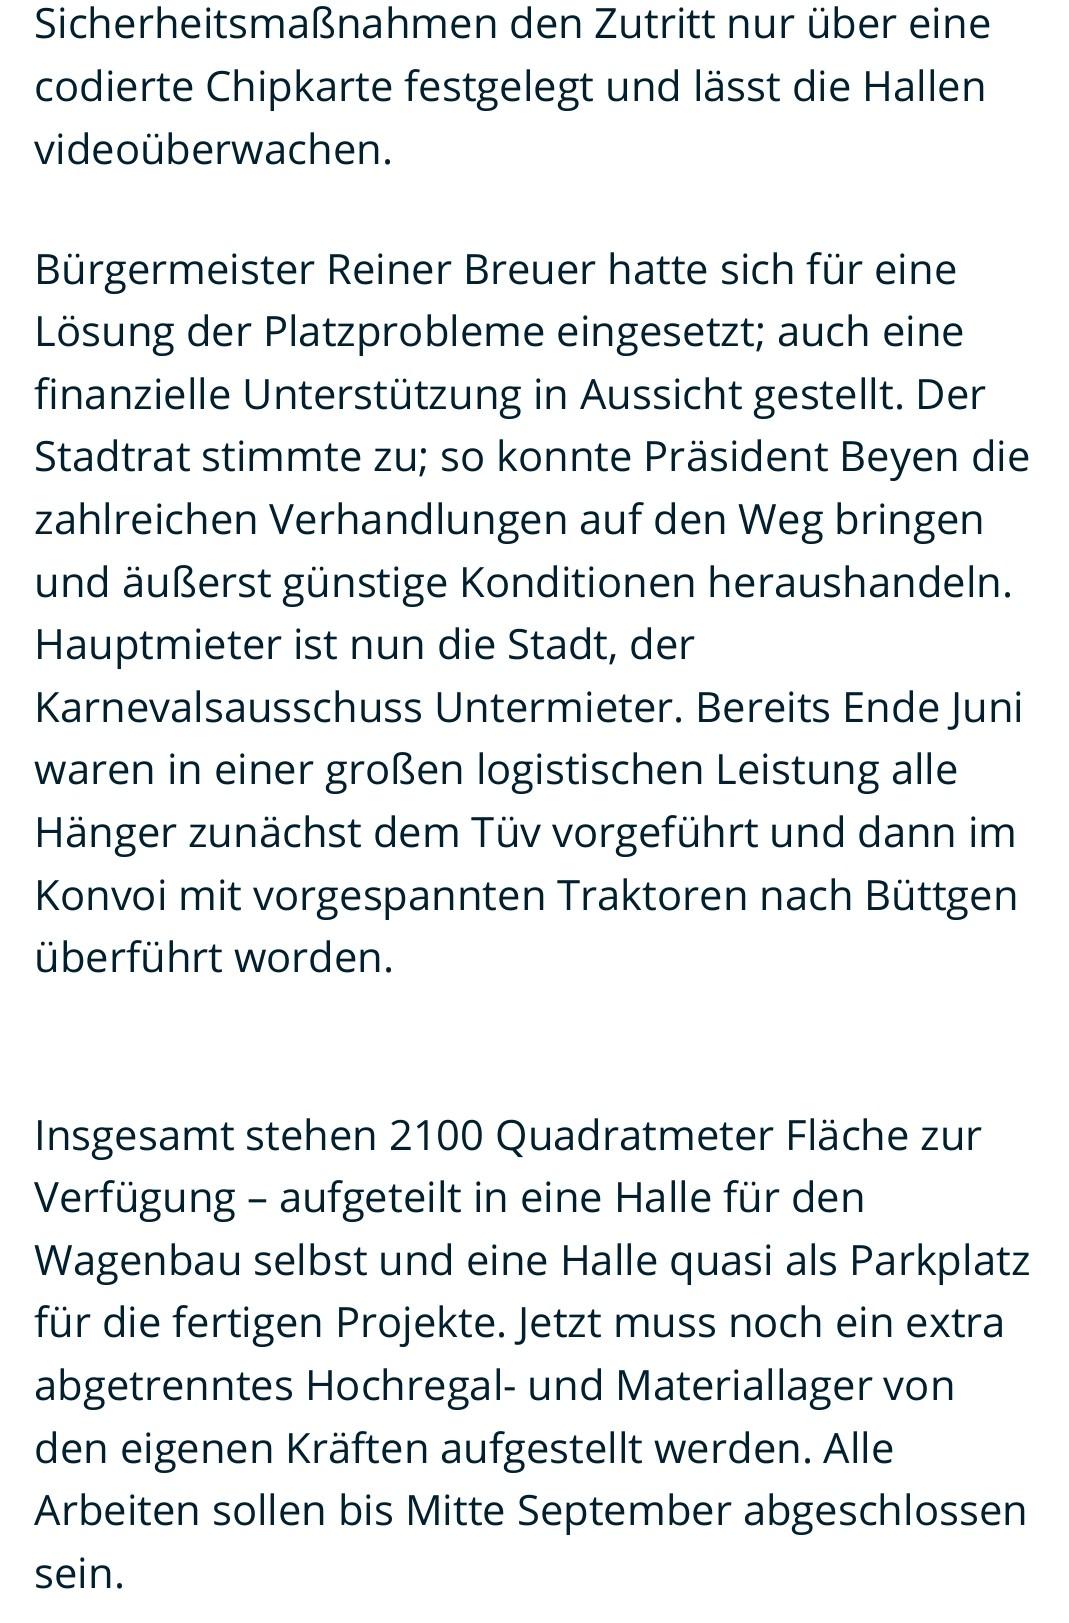 2019_wagenbauhalle_4